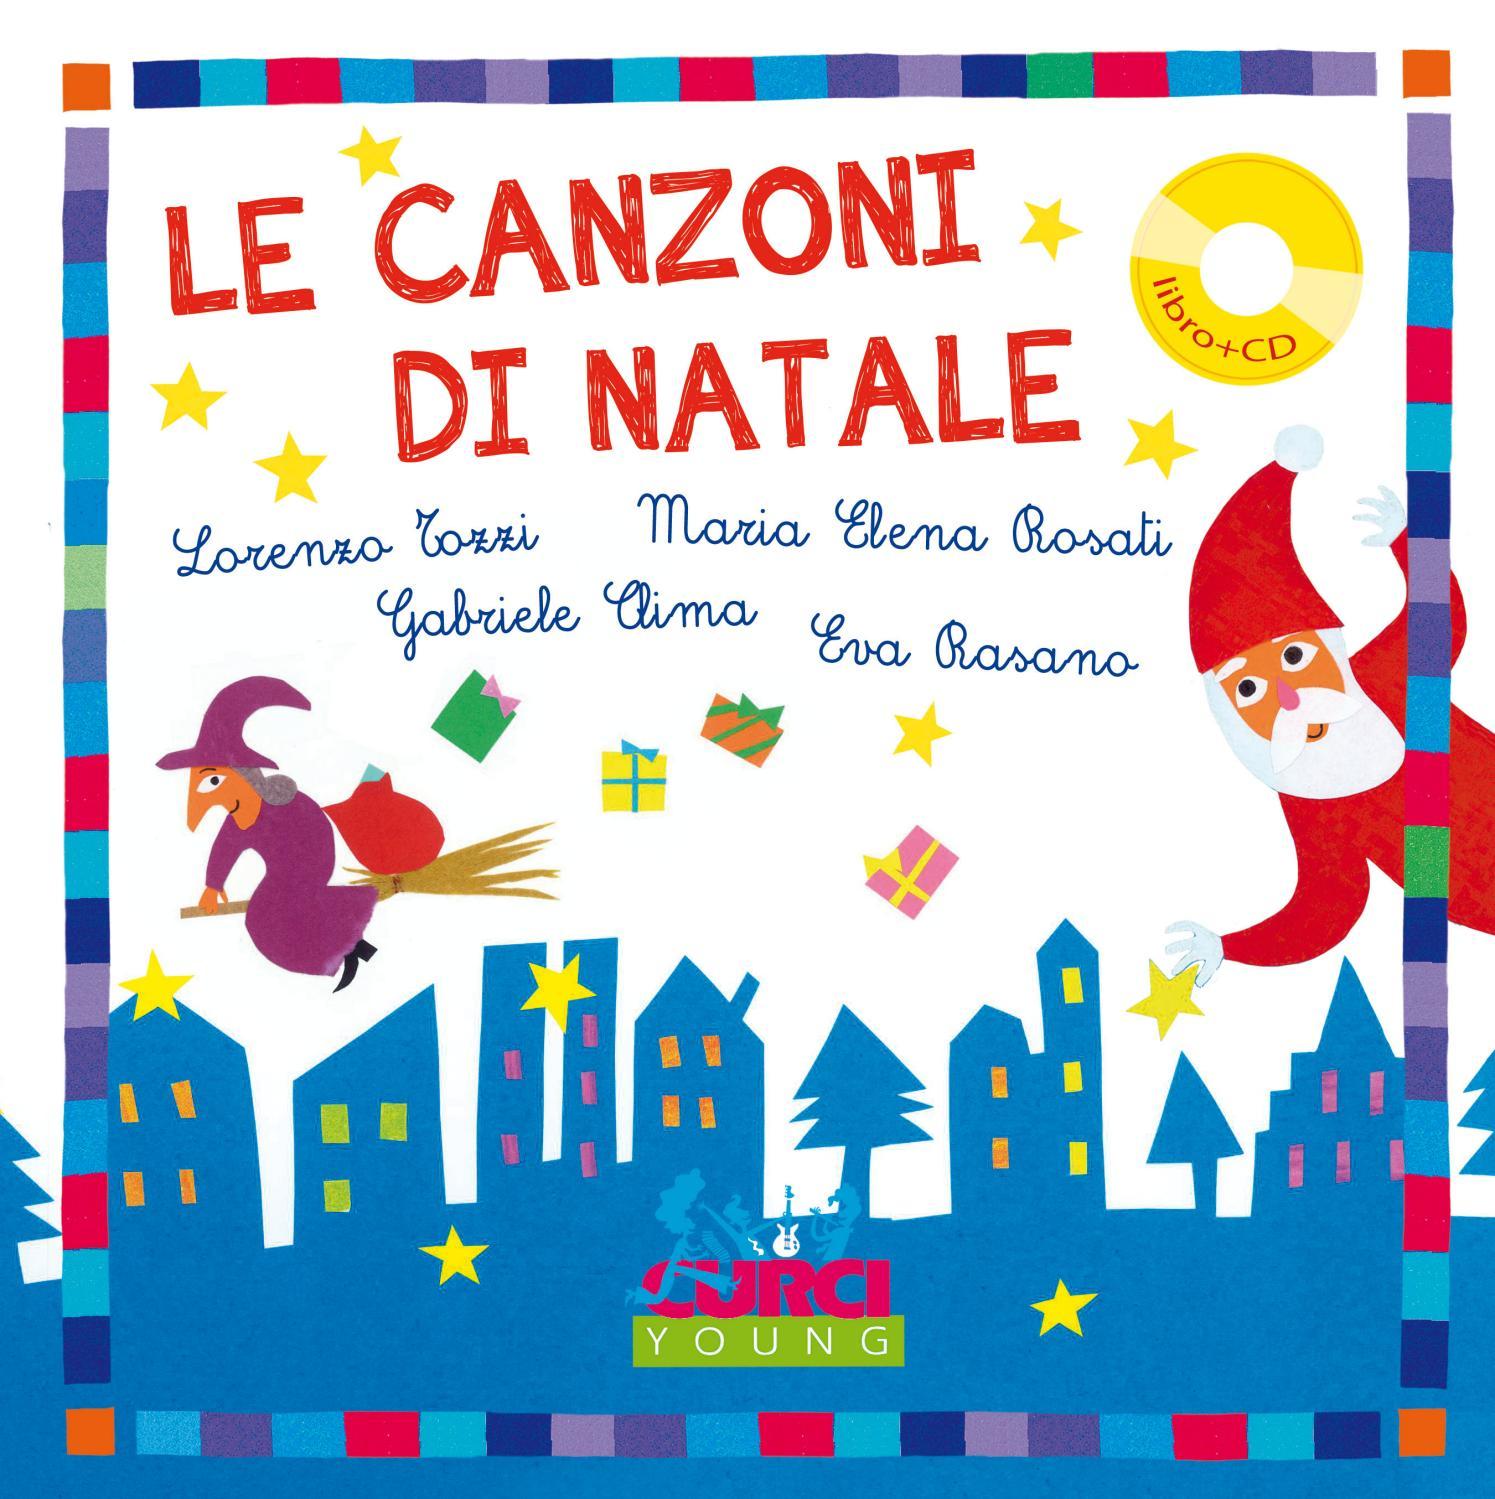 Buon Natale Rap 5 B.Le Canzoni Di Natale Anteprima By Edizioni Curci Issuu